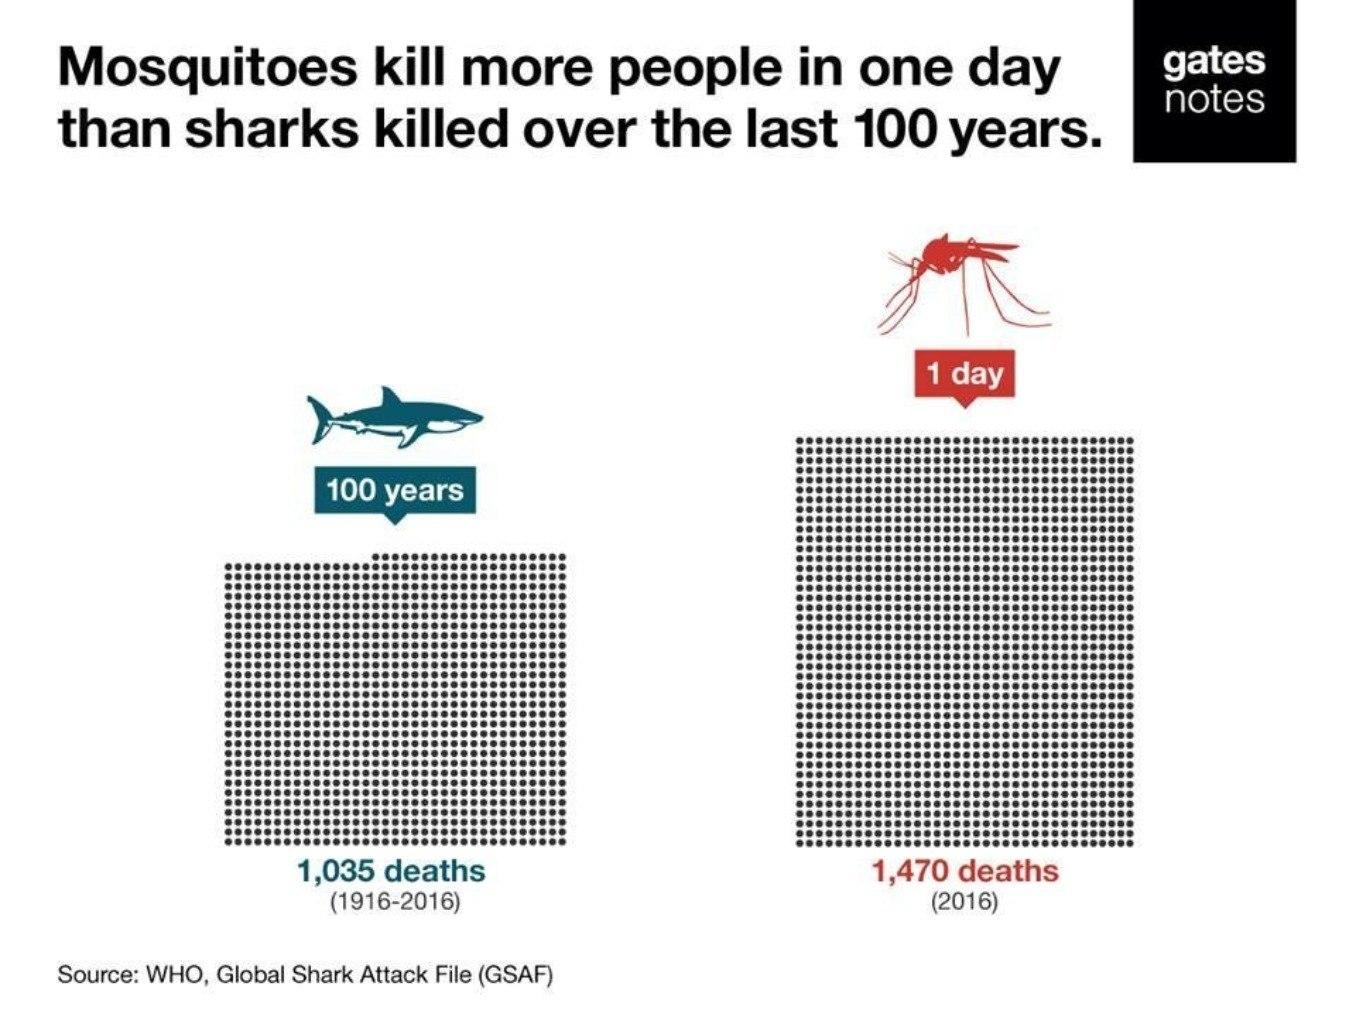 Комары за день убили больше людей, чем акулы за 100 лет.